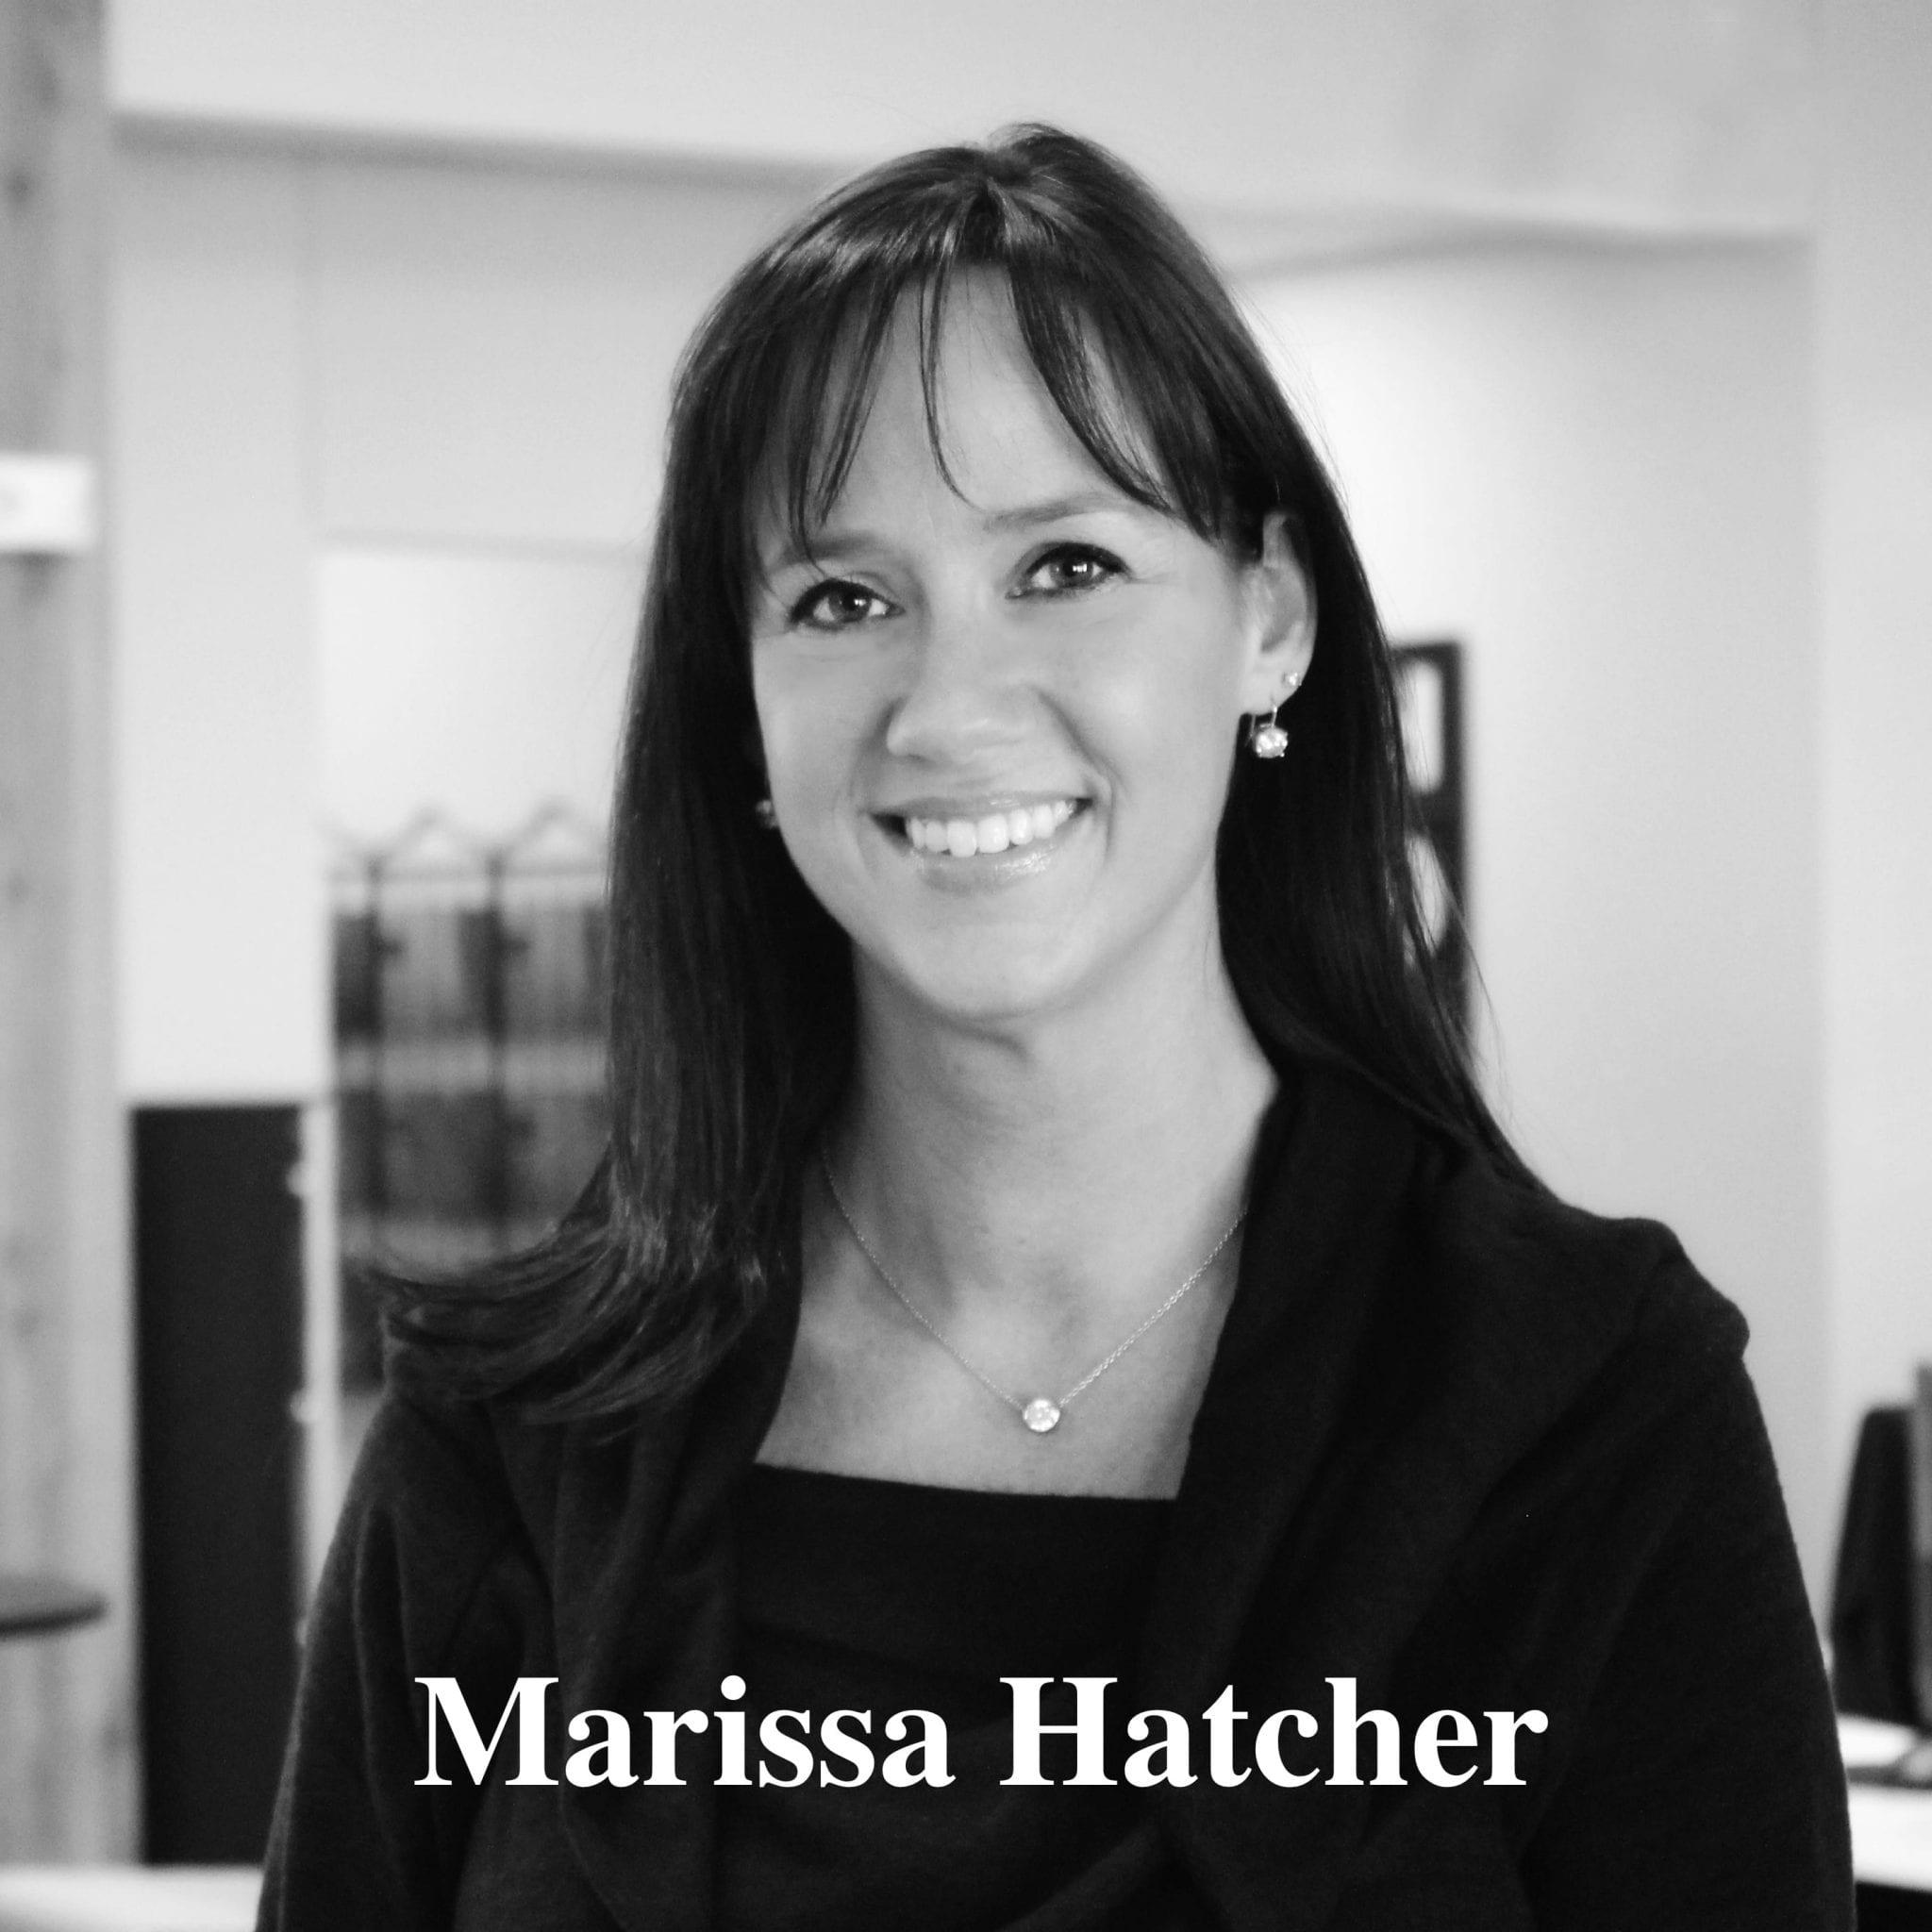 Marissa Hatcher